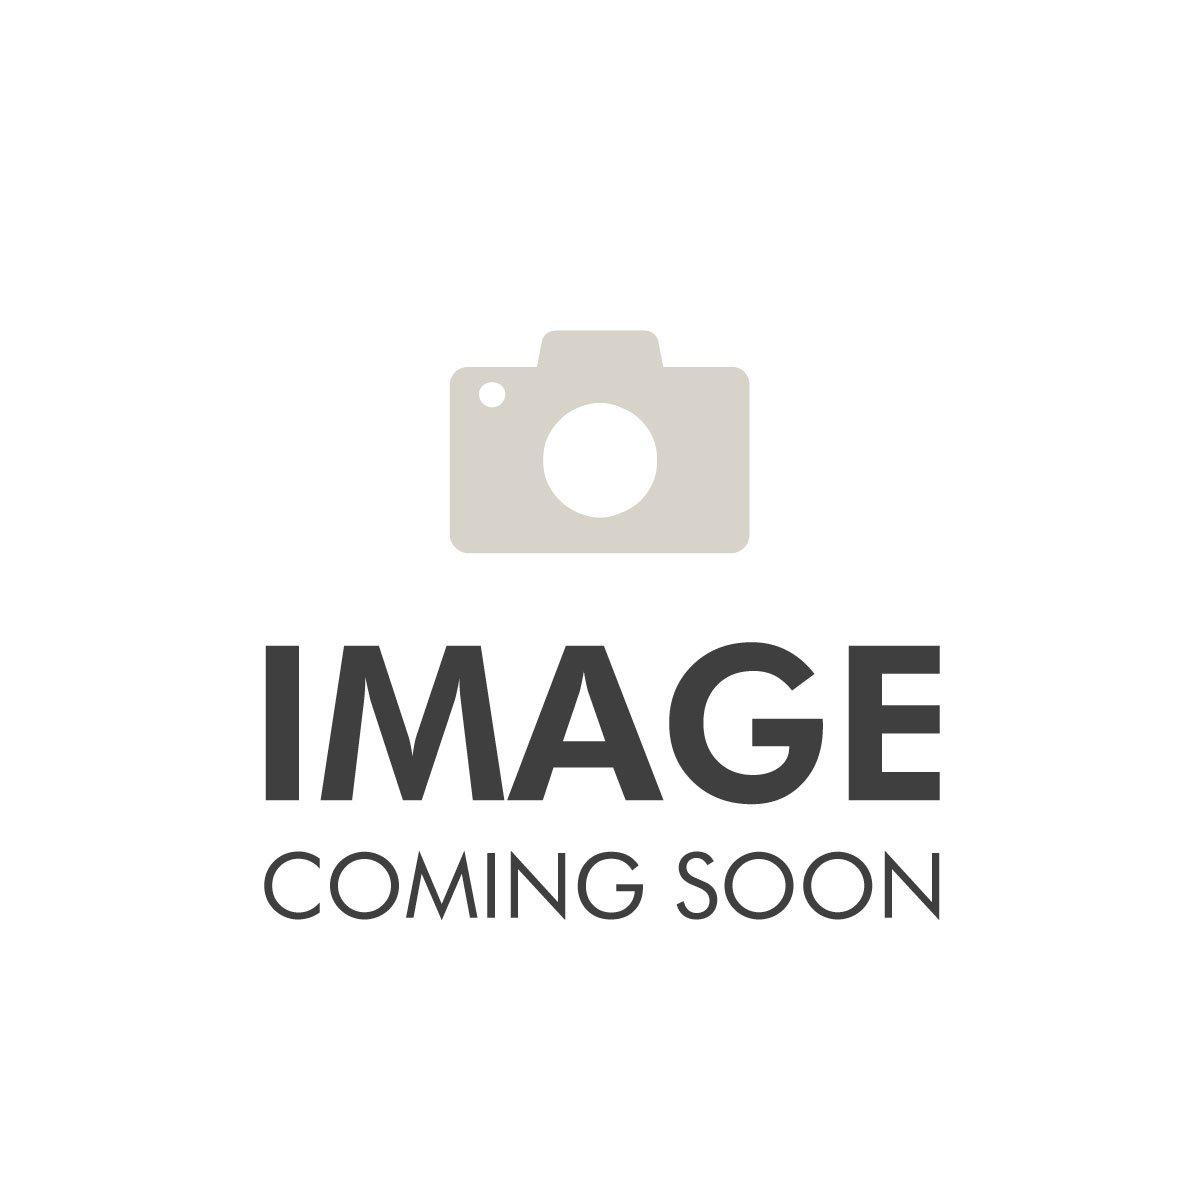 PBT - Veste de fleuret - Standard - Ancien Modèle - Femme